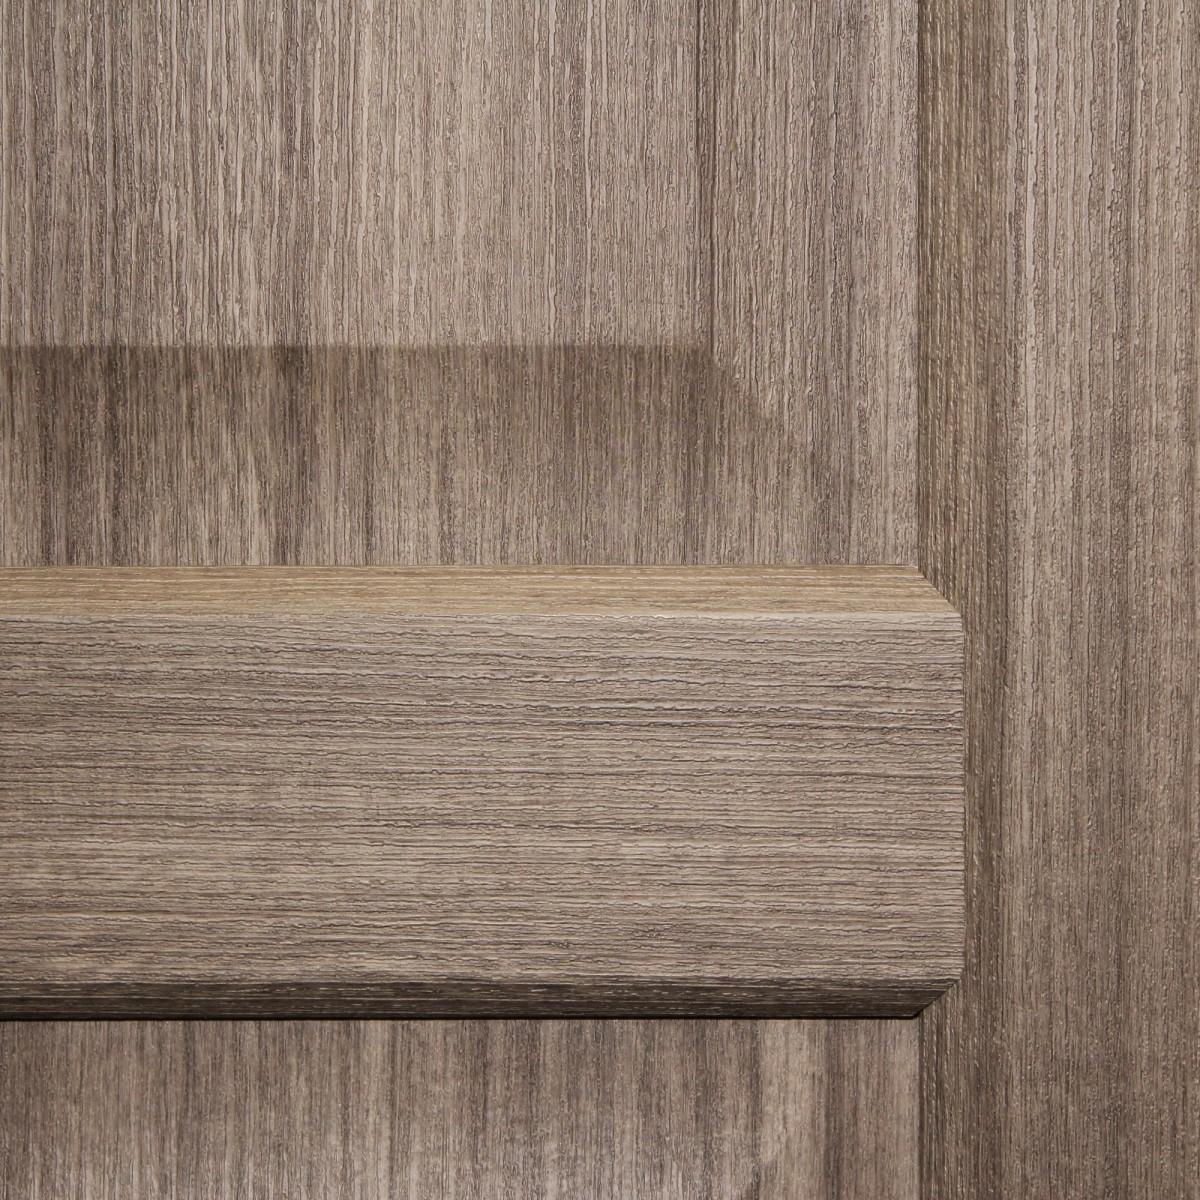 Дверь Межкомнатная Глухая Artens Мария 90x200 Цвет Серый Дуб